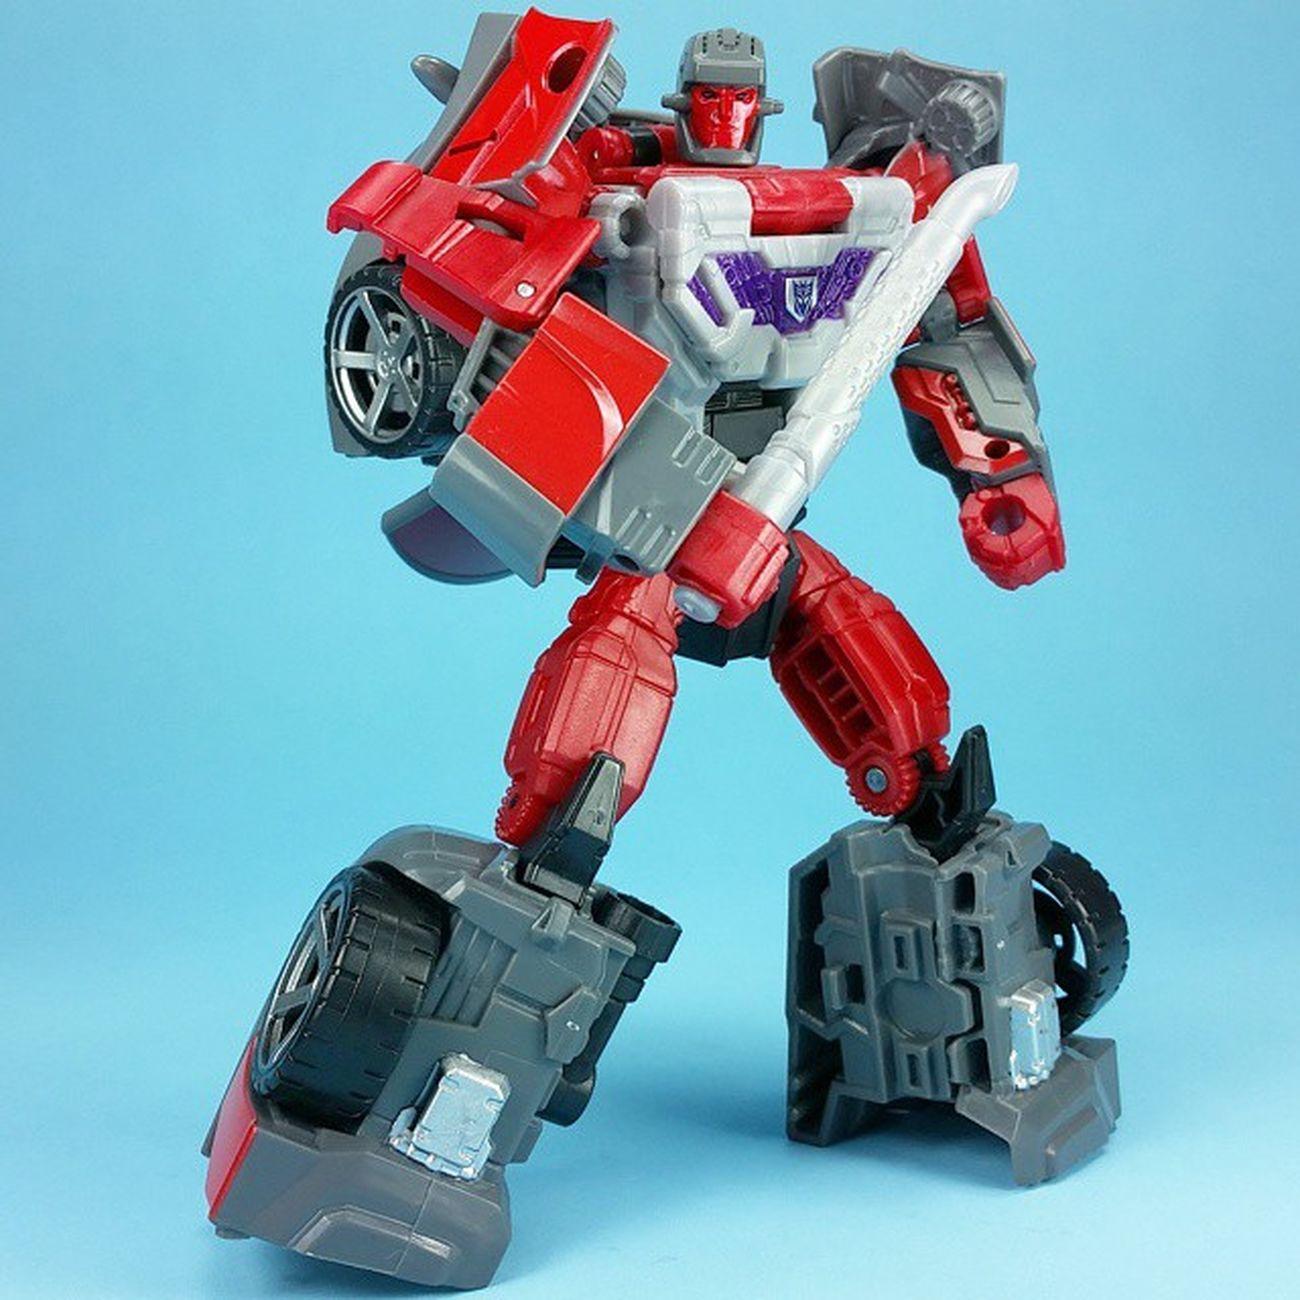 Transformers Combinerwars Wildrider. Menasor